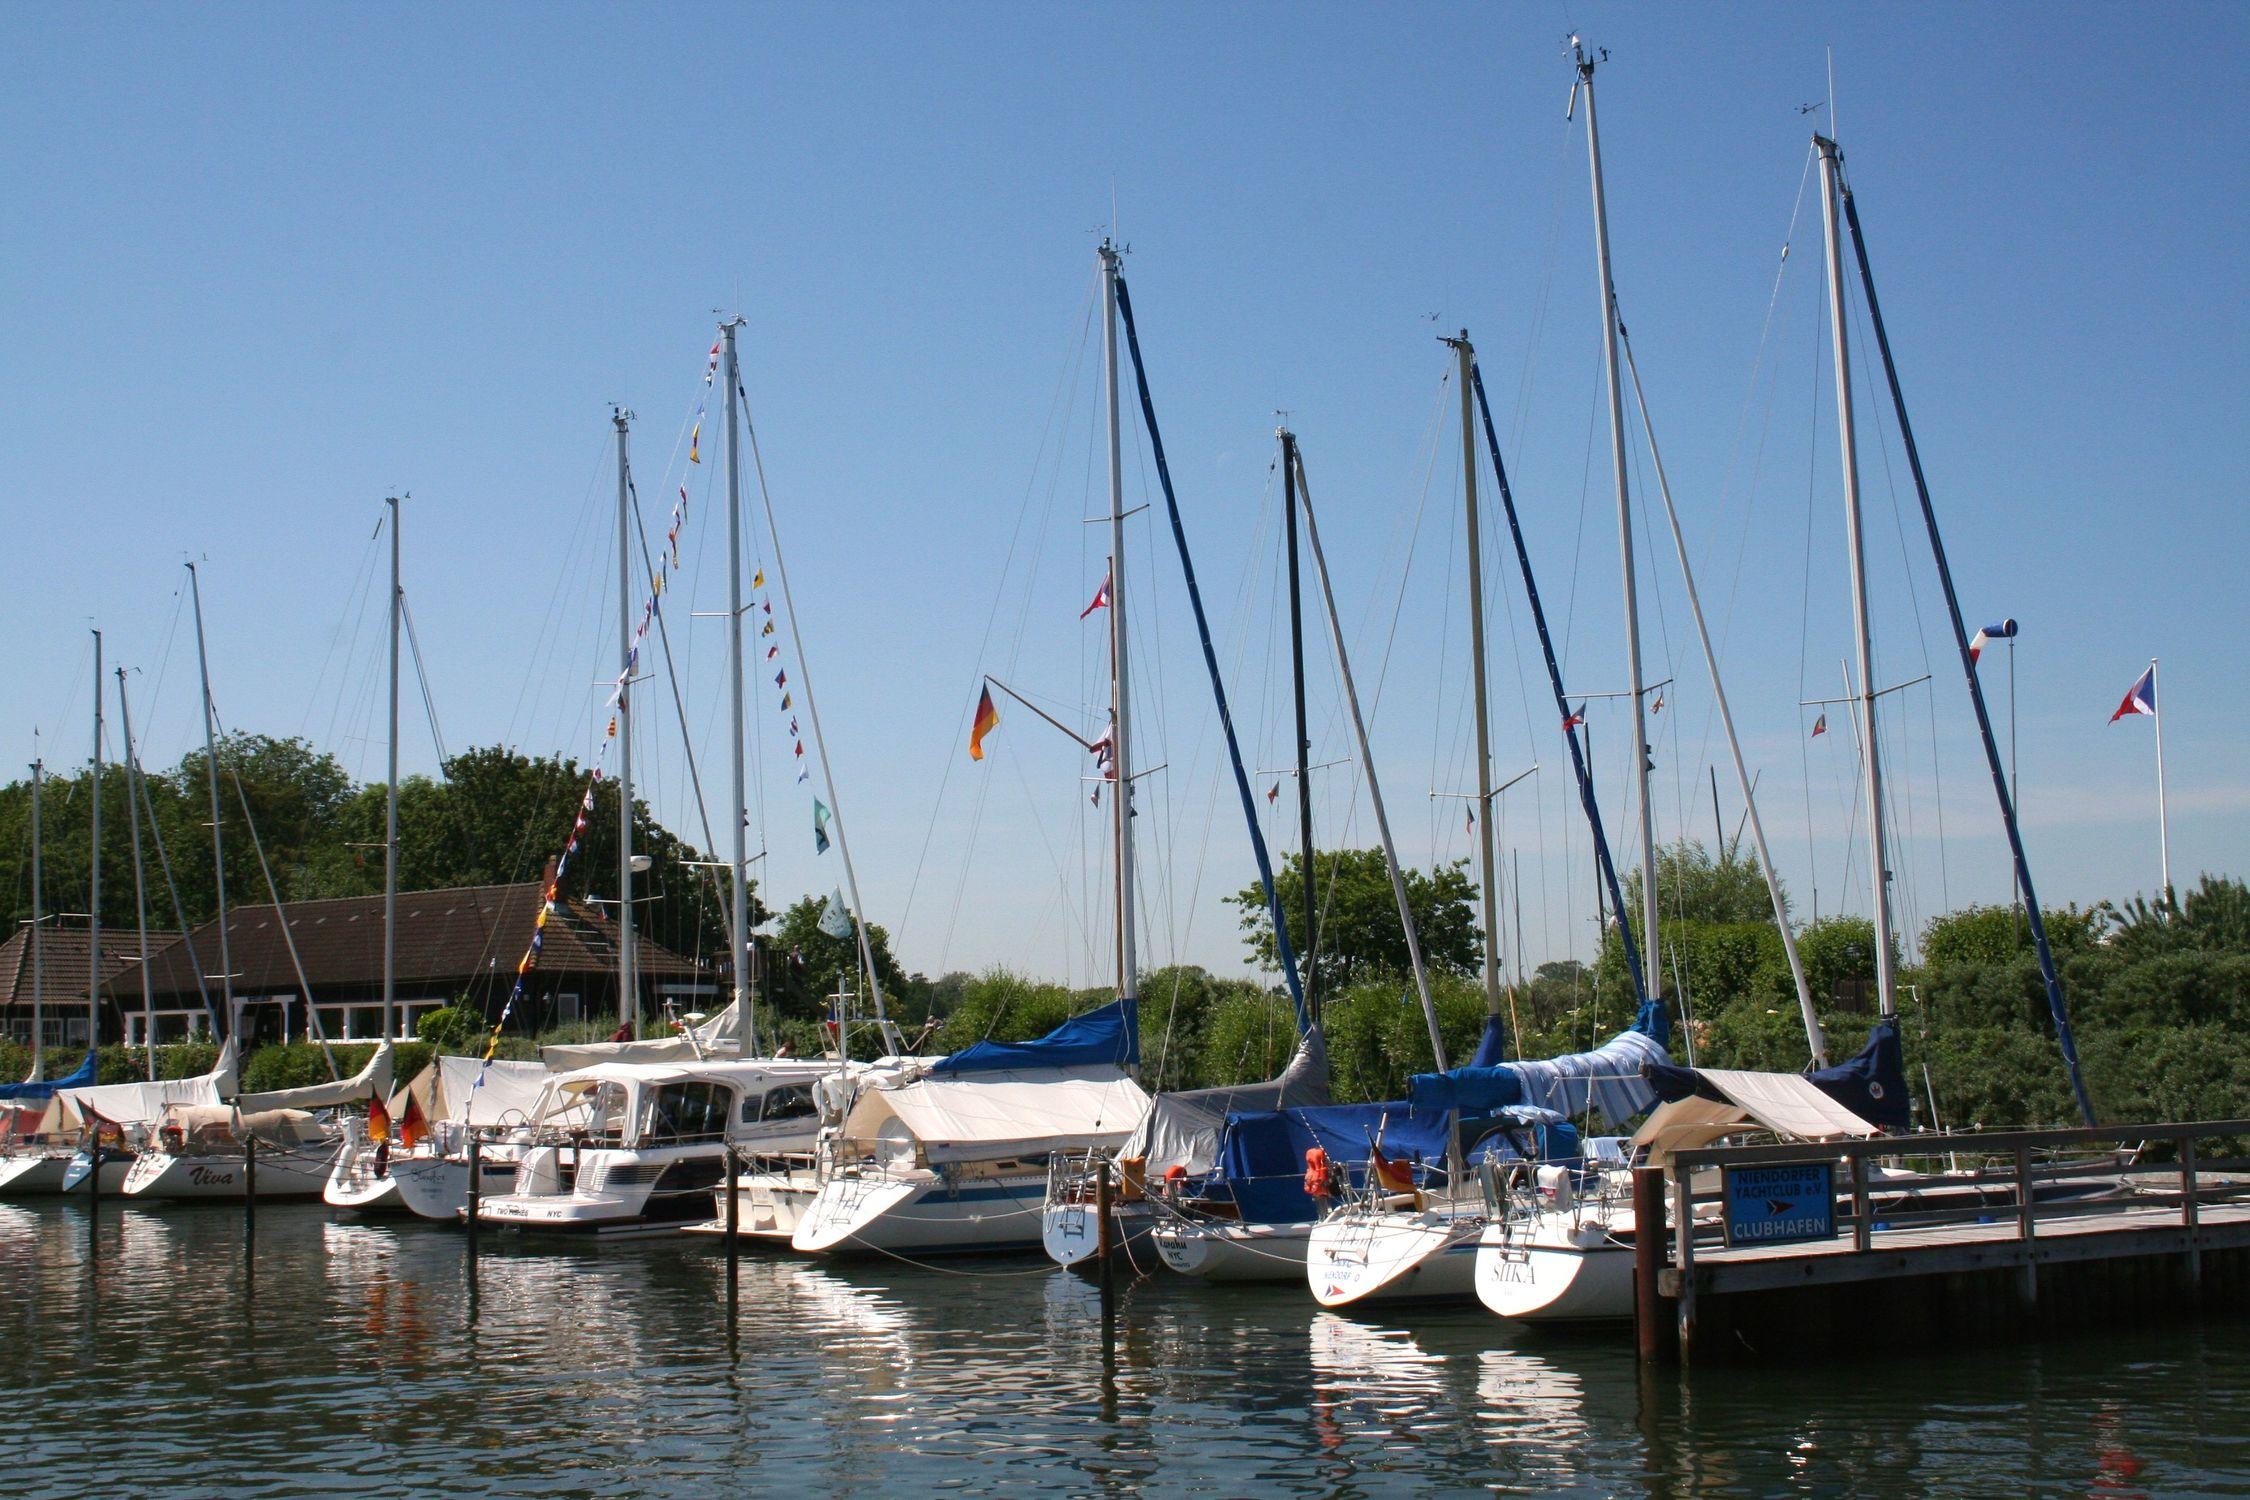 Bild mit Häfen, Boote